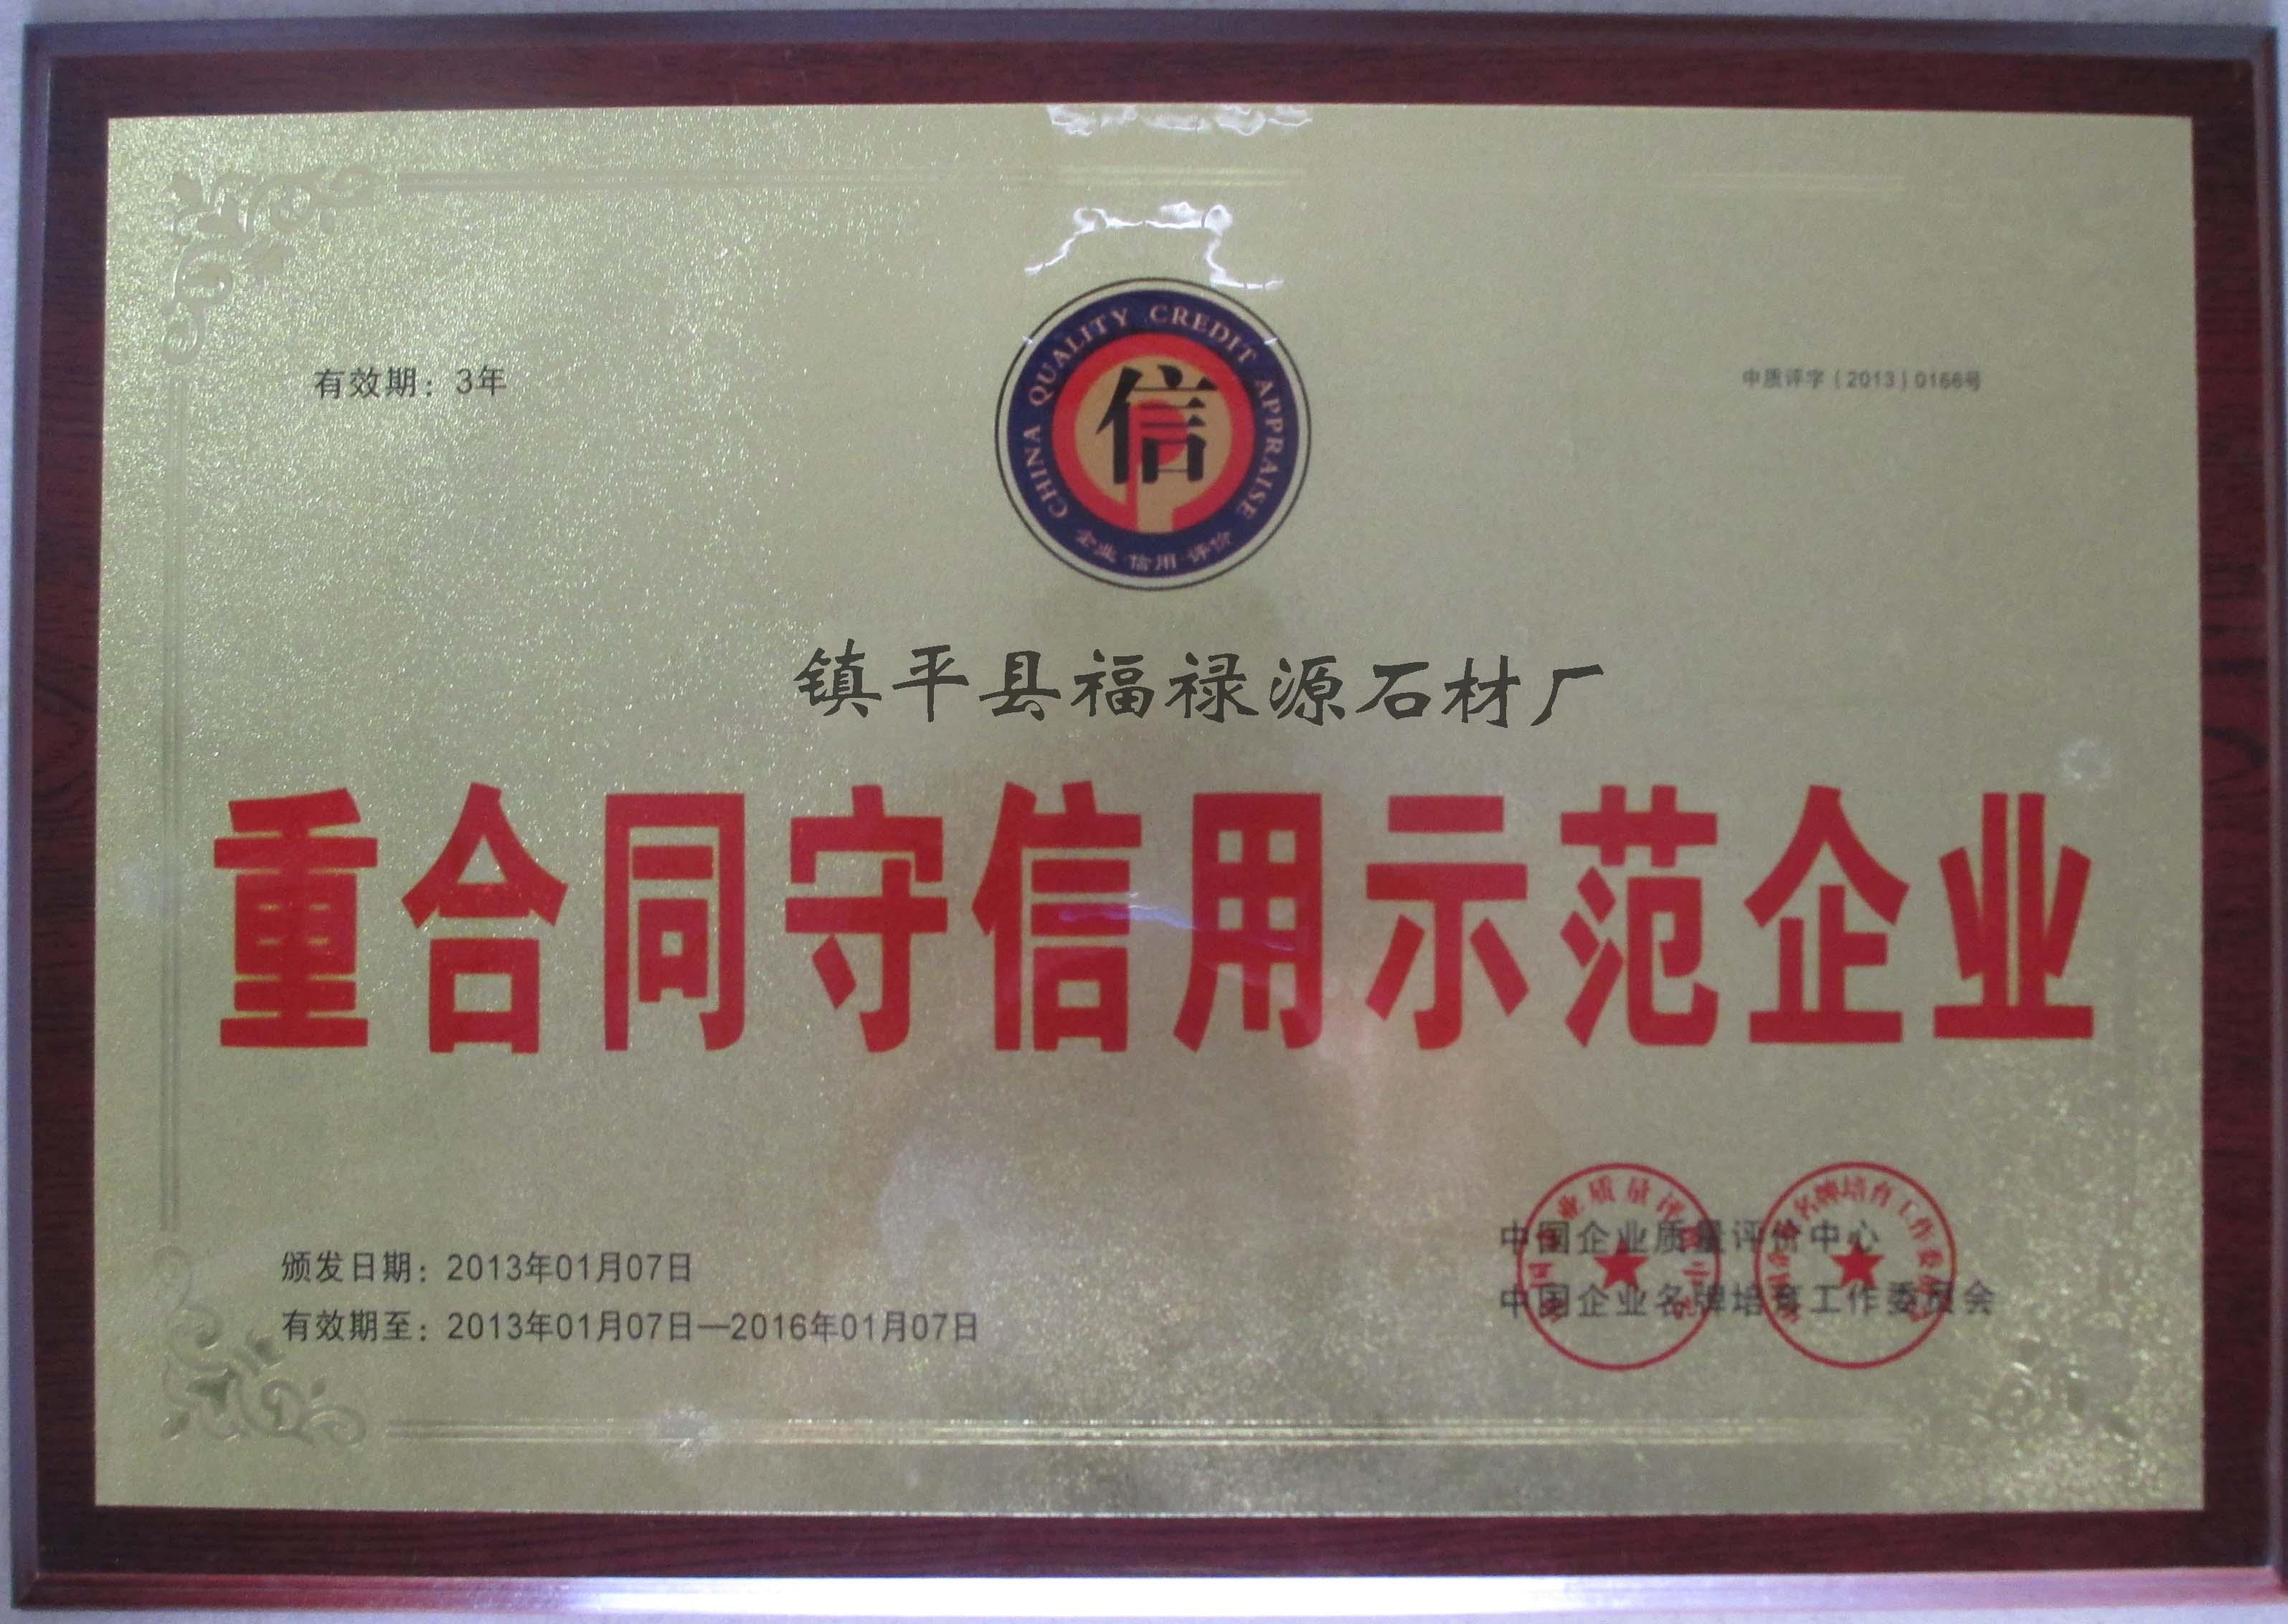 南阳福禄源石业有限公司荣誉重合同守信誉示范单位证书